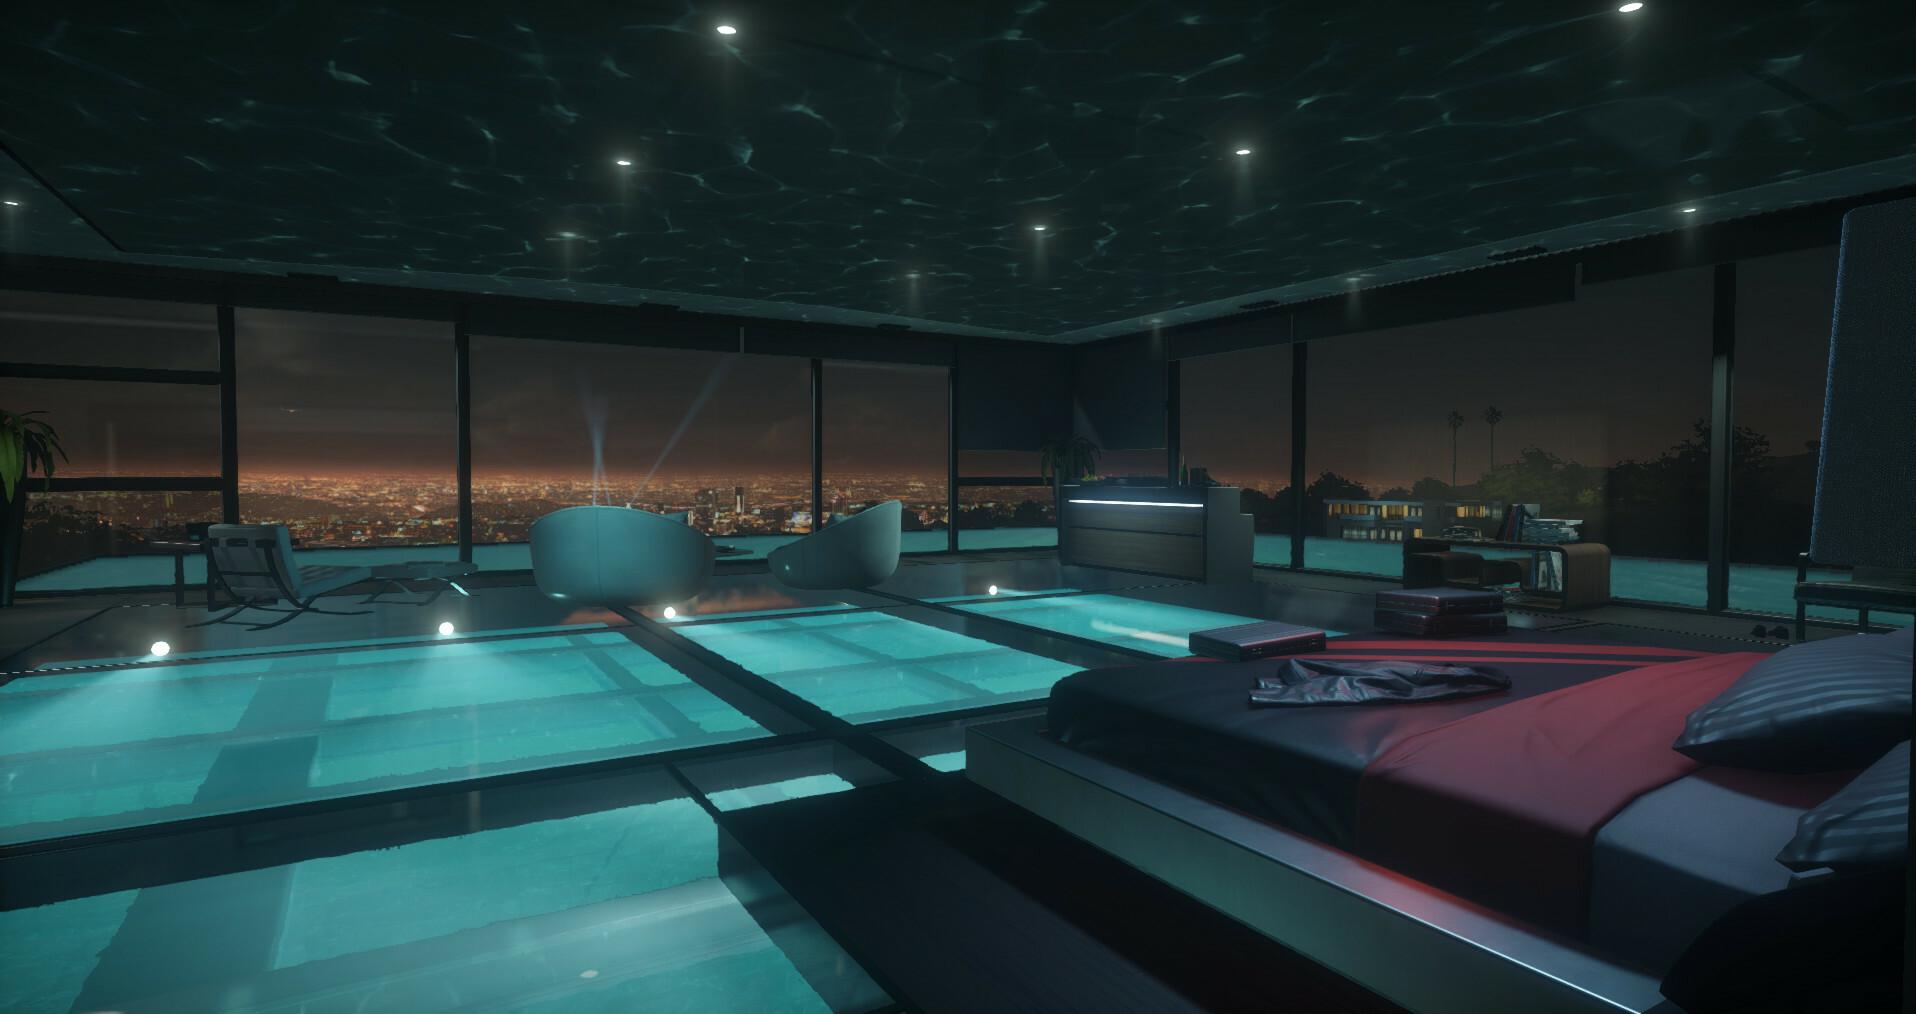 Rork's tacky poolhouse bedroom